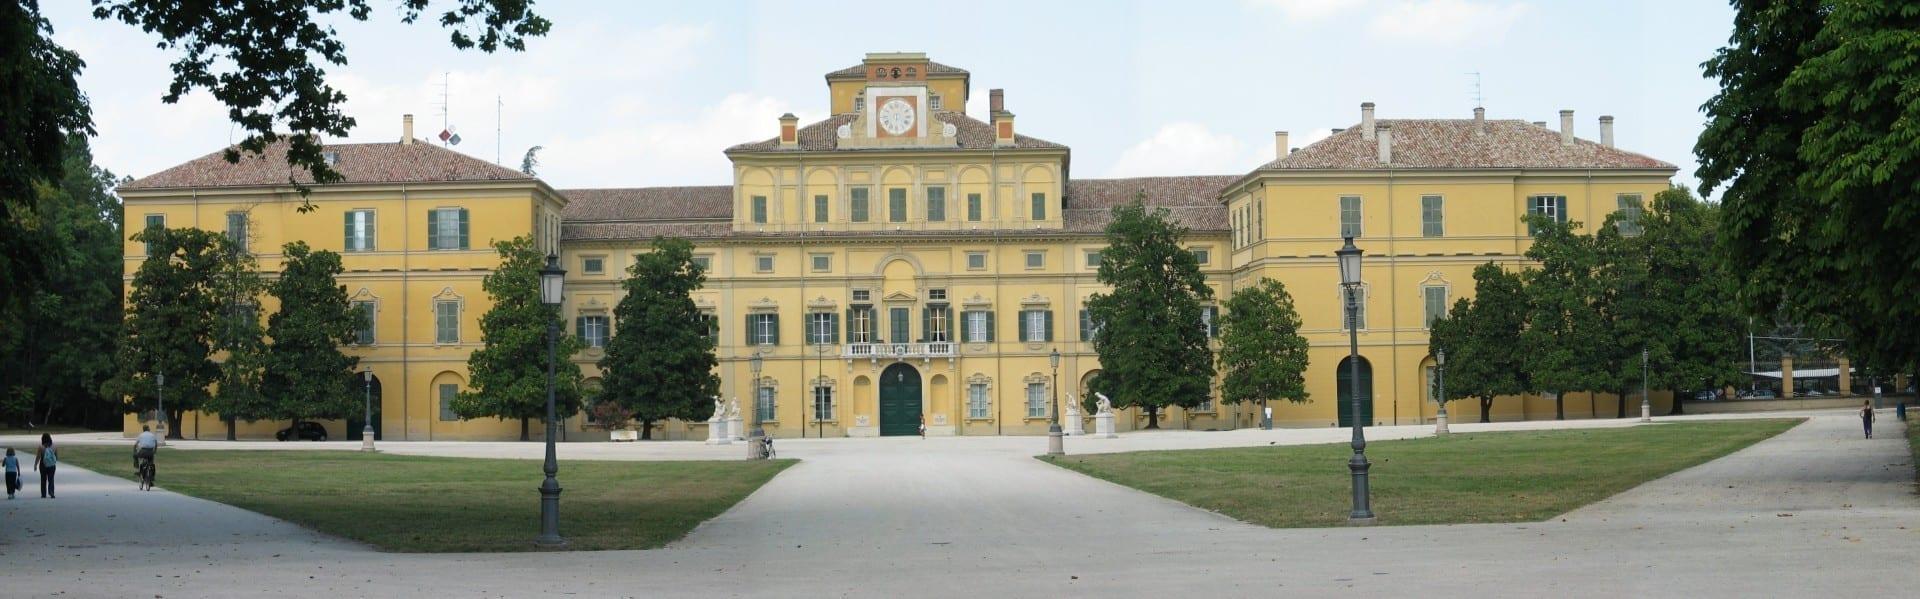 Palacio Ducal Parma Italia